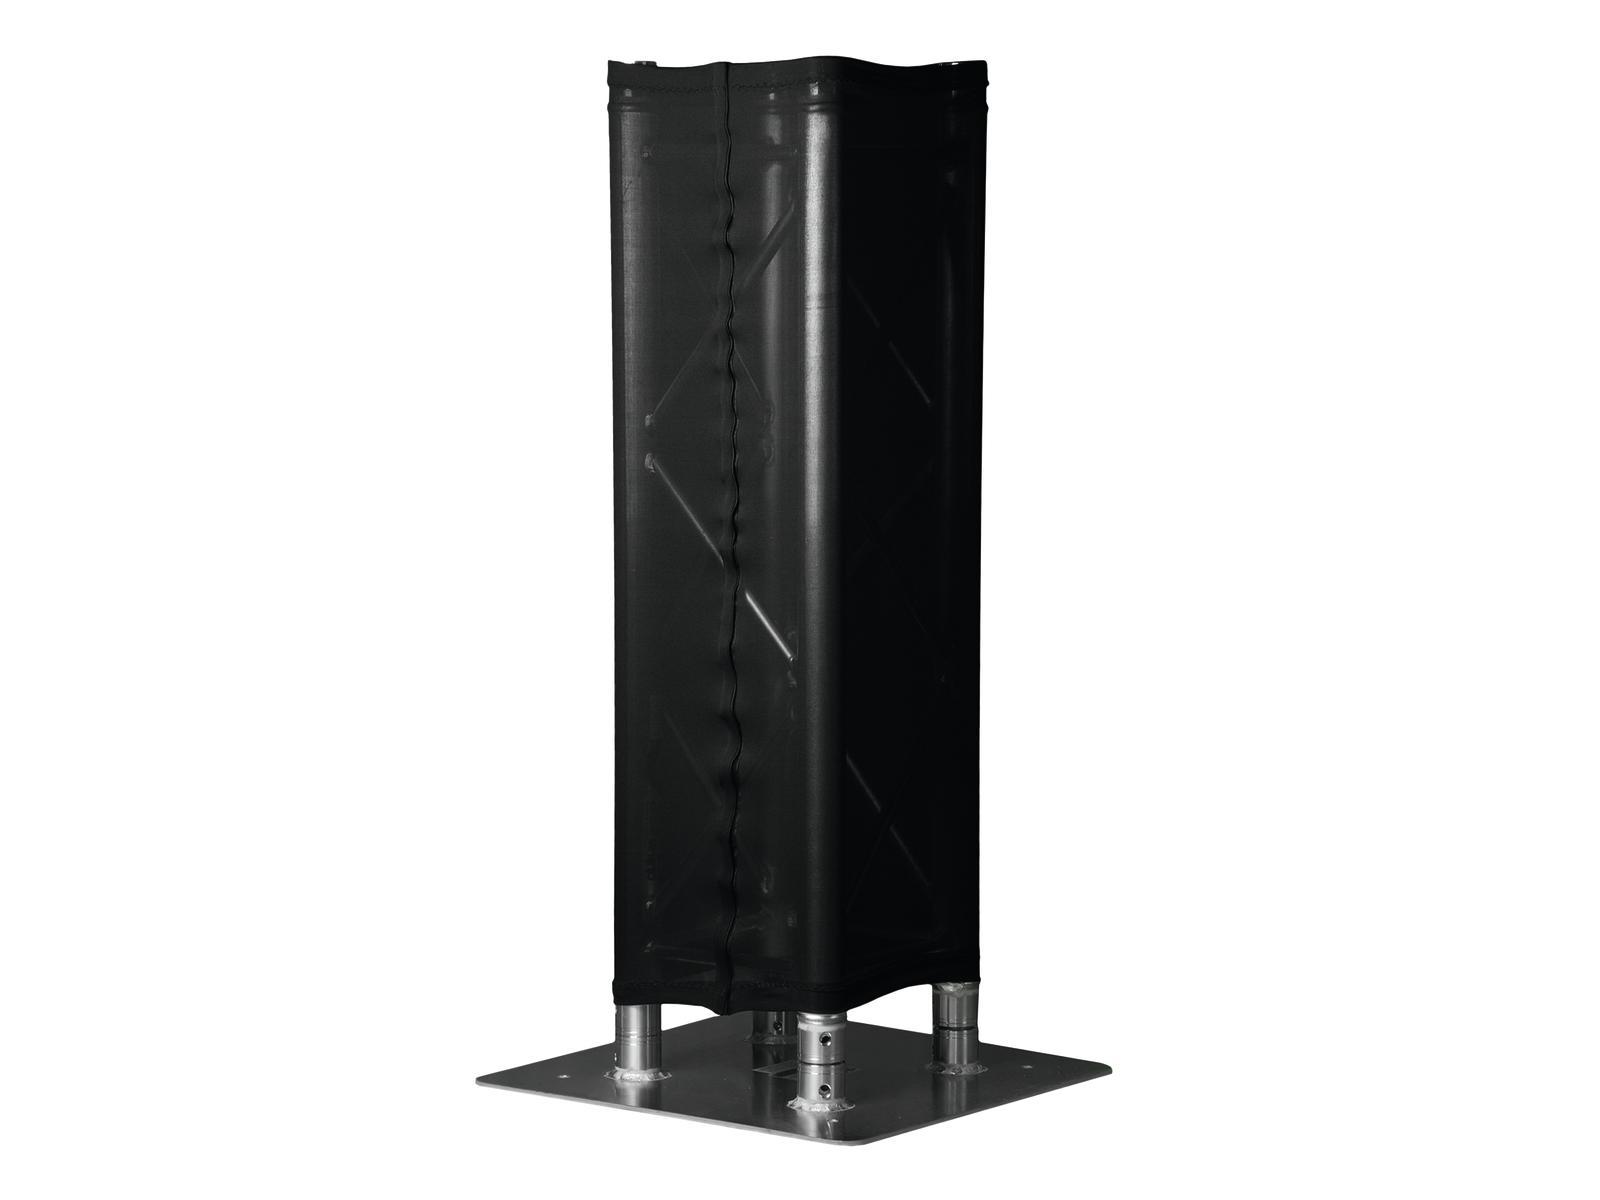 ESPANDERE XPTC25KVS Capriata di copertura 250cm nero